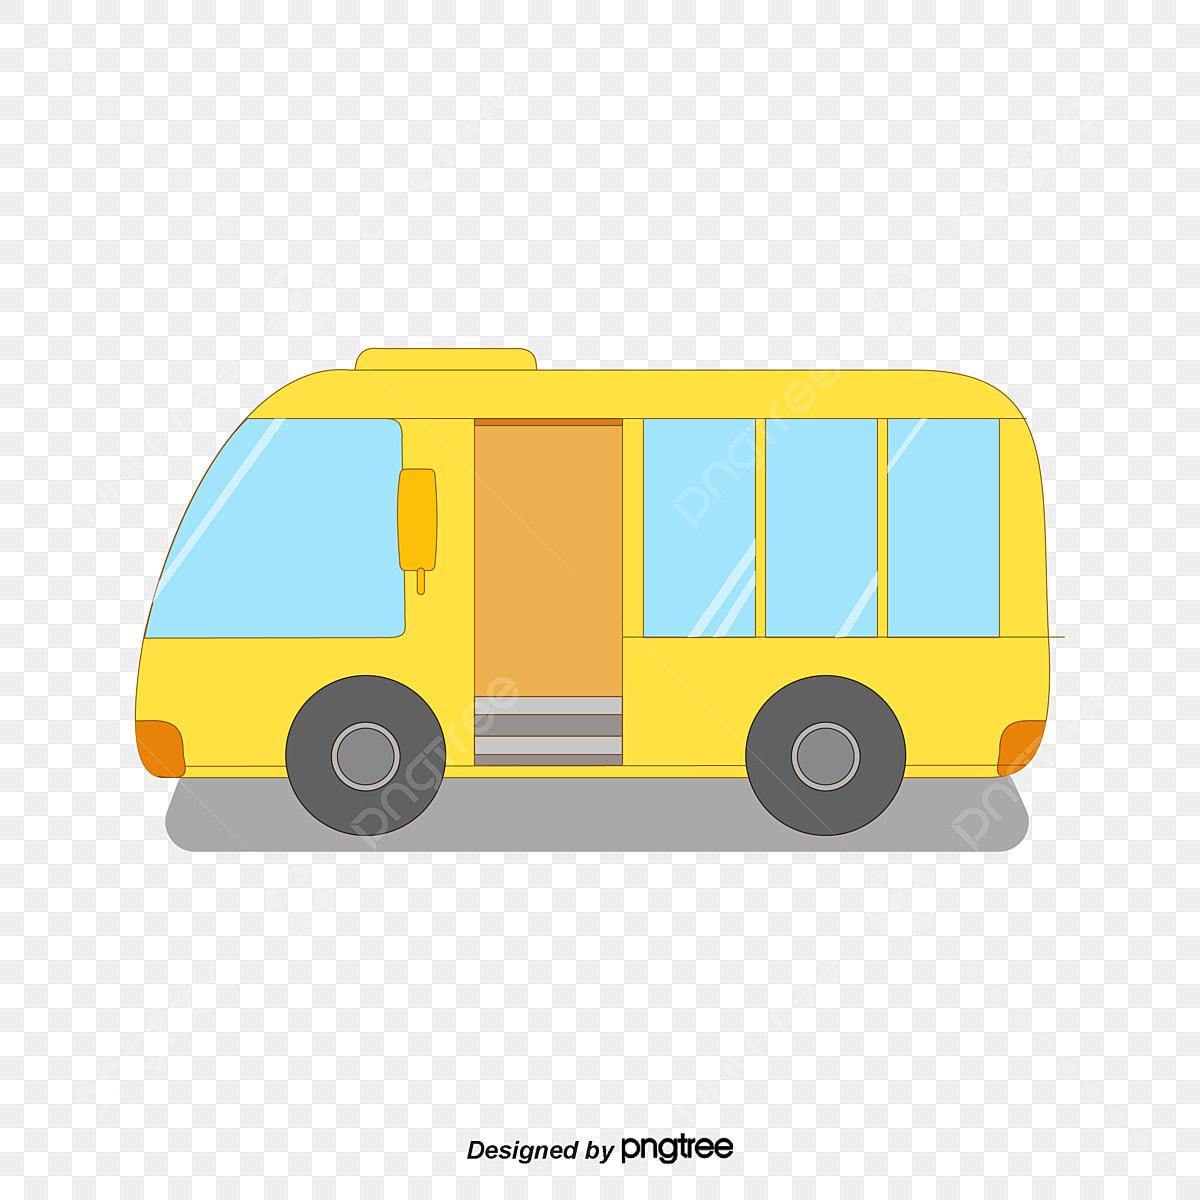 Gambar Cute Lukisan Tangan Hangat Kuning Anak Anak Sekolah Bas Kanak Kanak Comel Sekolah Dengan Mobil Png Dan Vektor Untuk Muat Turun Percuma